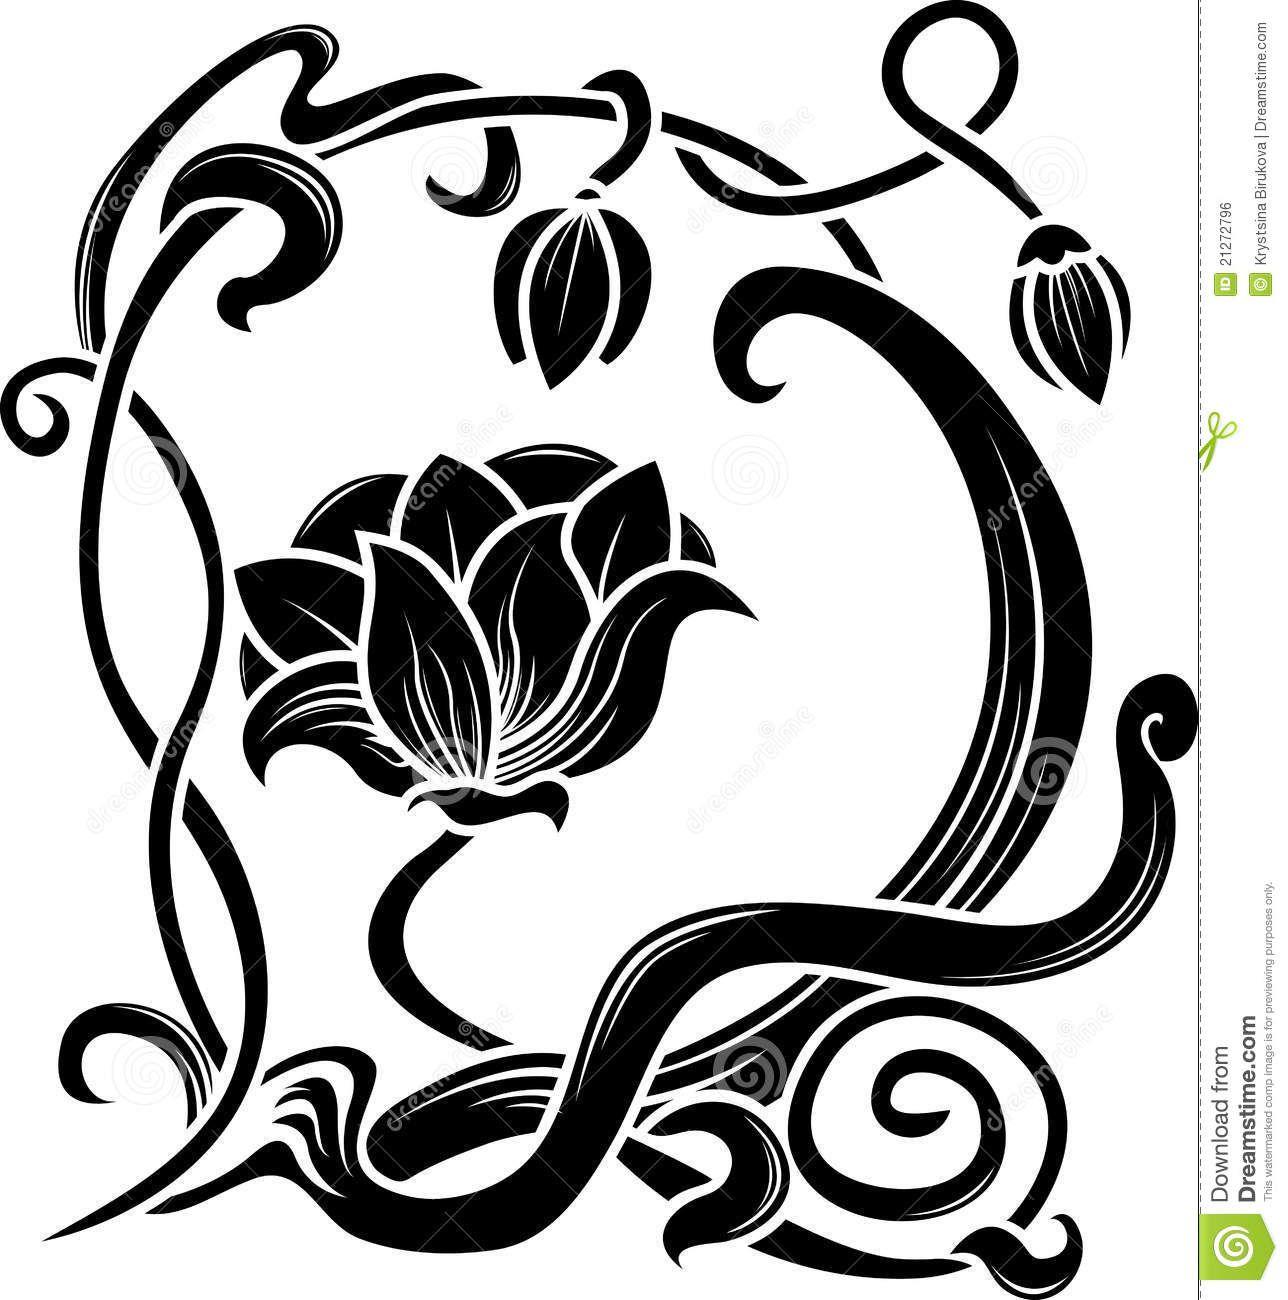 afficher l 39 image d 39 origine decoration pinterest images motif dessin et linogravure. Black Bedroom Furniture Sets. Home Design Ideas